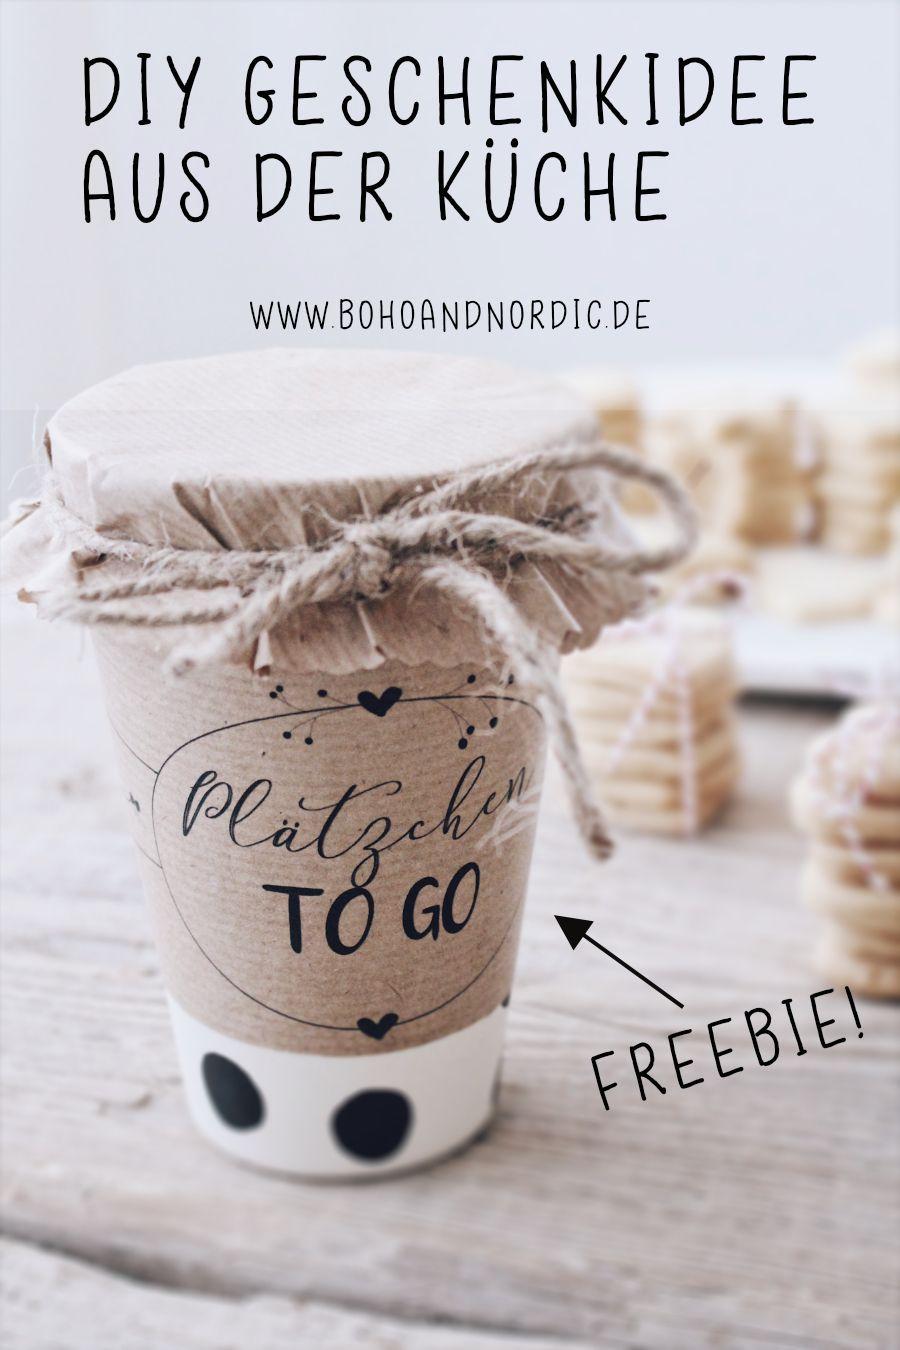 DIY Geschenkidee aus der Küche + Verpackungsidee und Freebie #diygifts